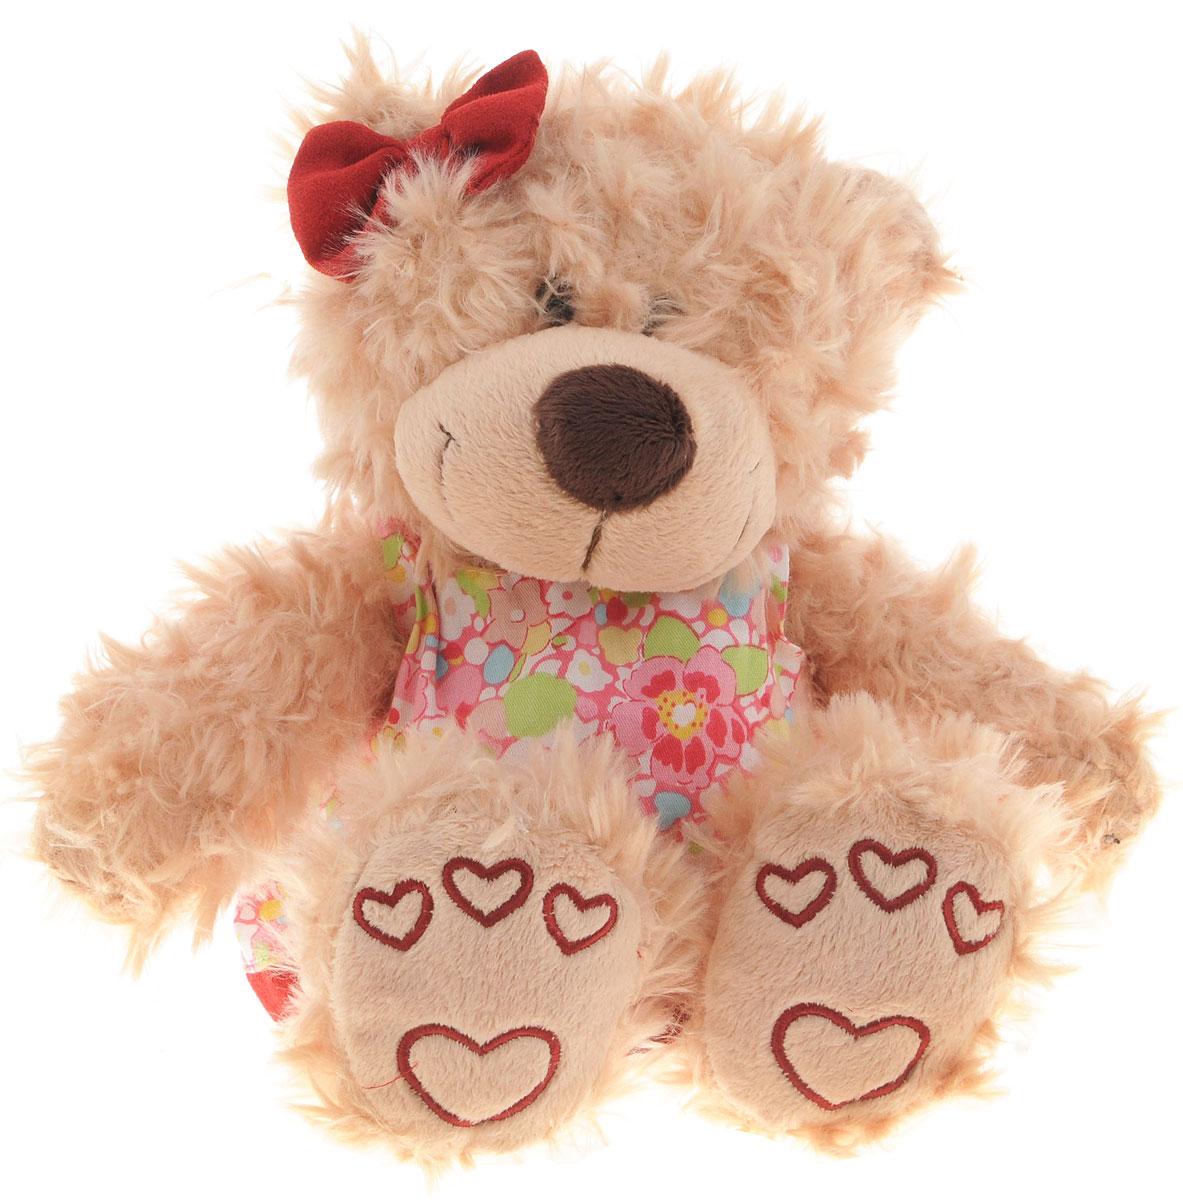 Sonata Style Мягкая игрушка Медведь в платье 19 см б у корбюратор на рено 19 в москве